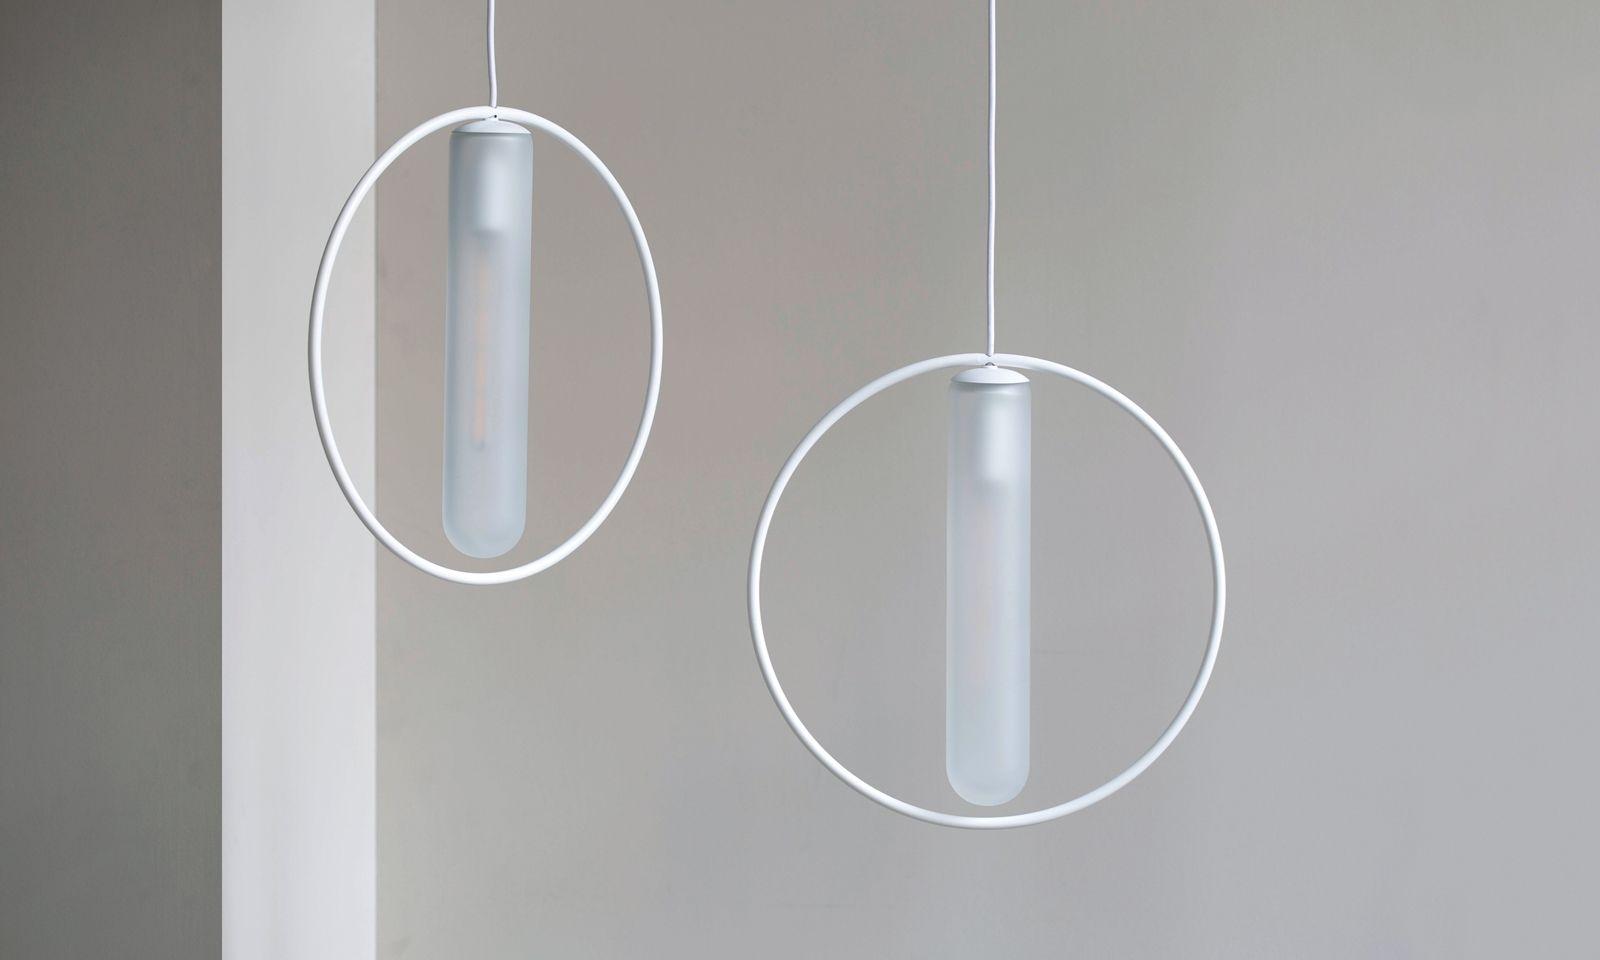 """Lichtring. Die Leuchte """"Astrée"""" entwarf Willmann für den Hersteller Harto."""